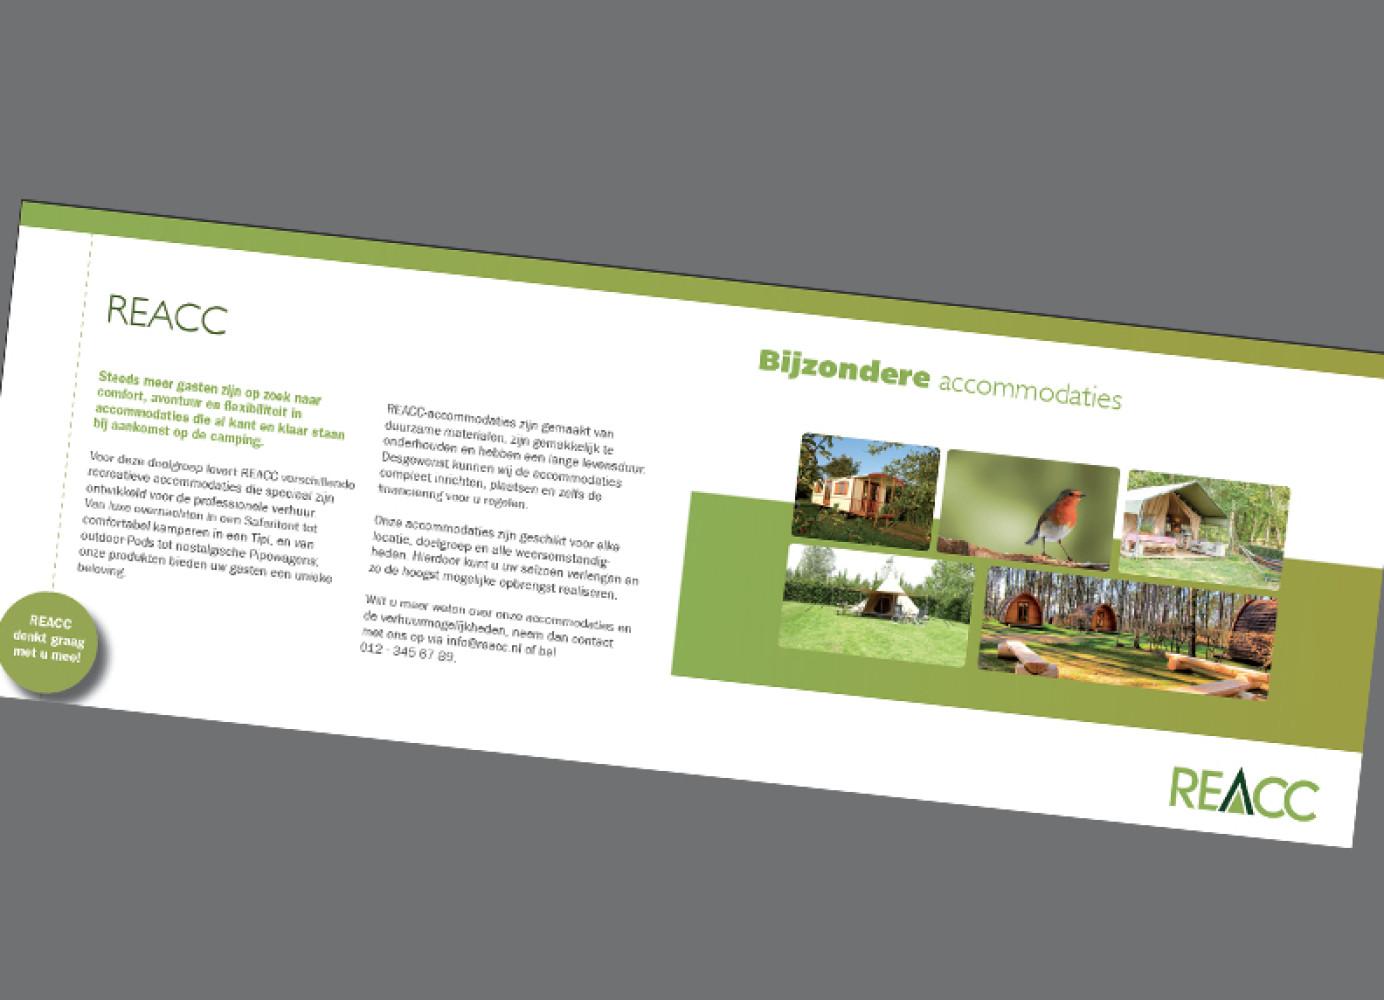 De nieuwe REACC brochure